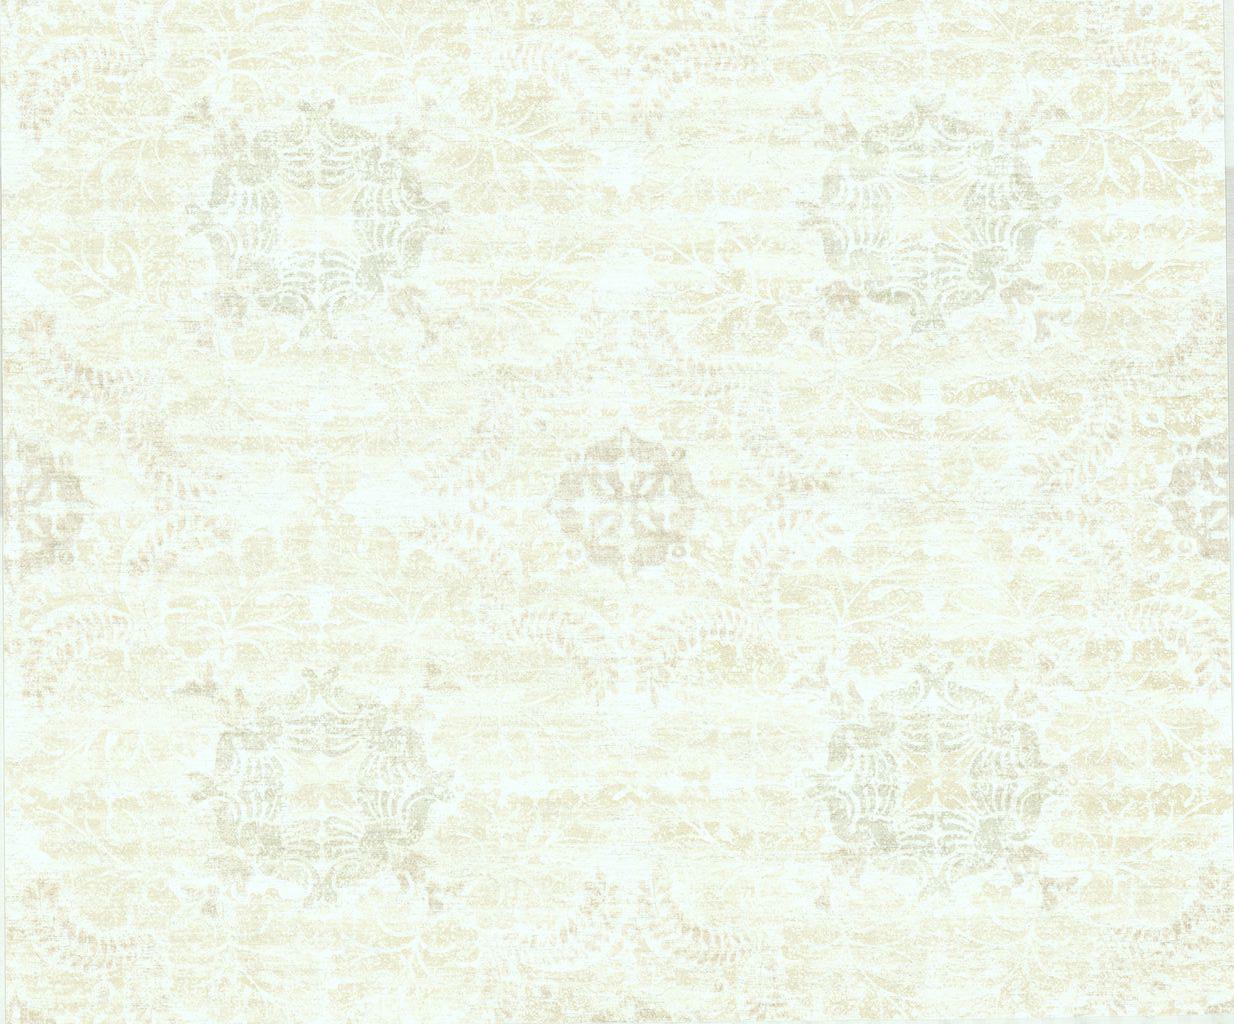 Итальянские обои Estro,  коллекция Voyage, артикулY6190701